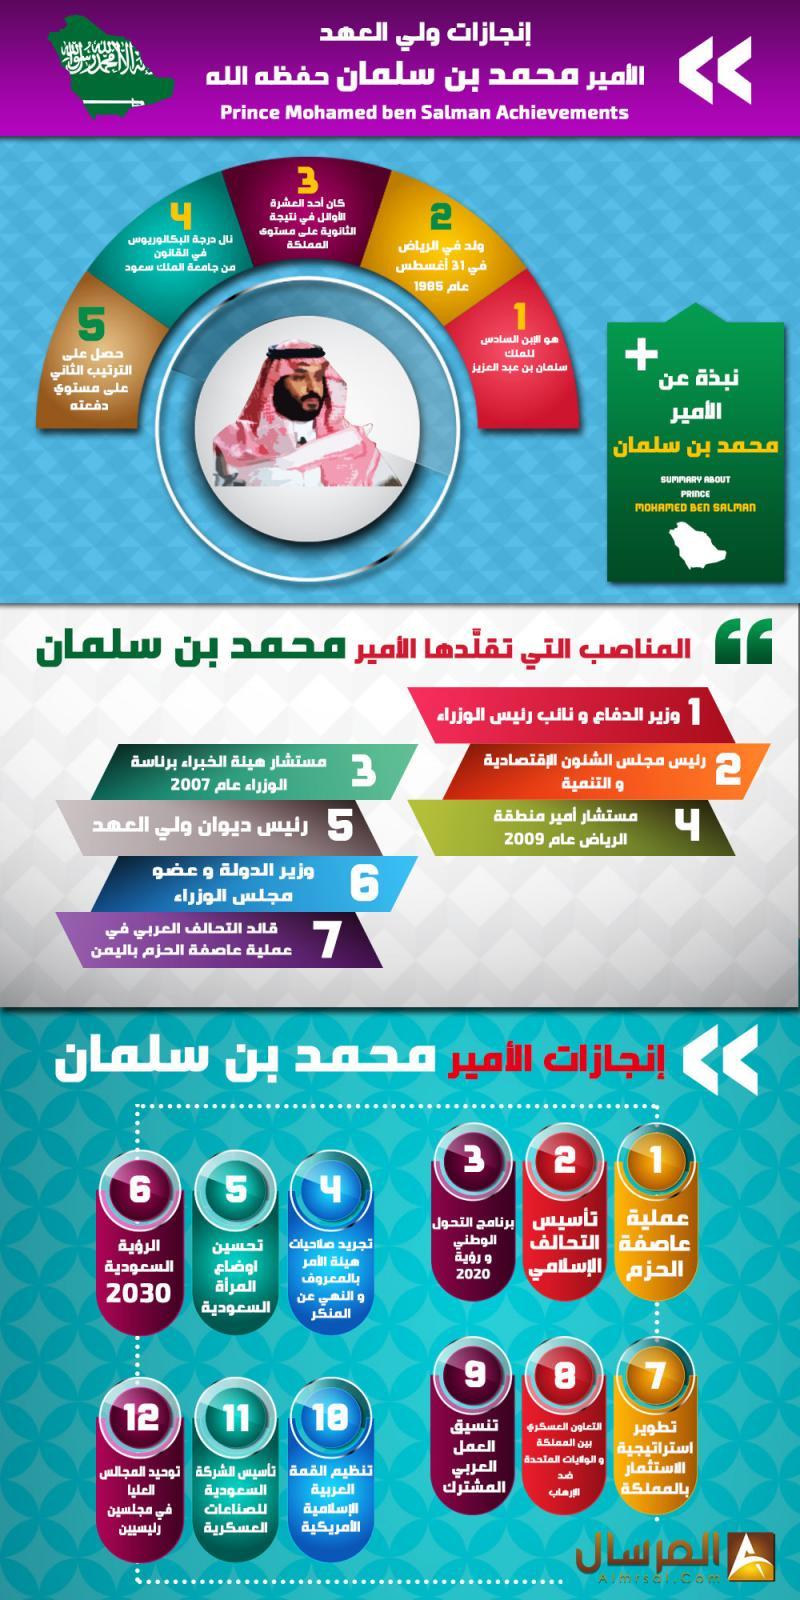 إنجازات #السعودية في عهد #ولي_العهد سمو الأمير #محمد_بن_سلمان #انفوجرافيك #انفوجرافيك_عربي